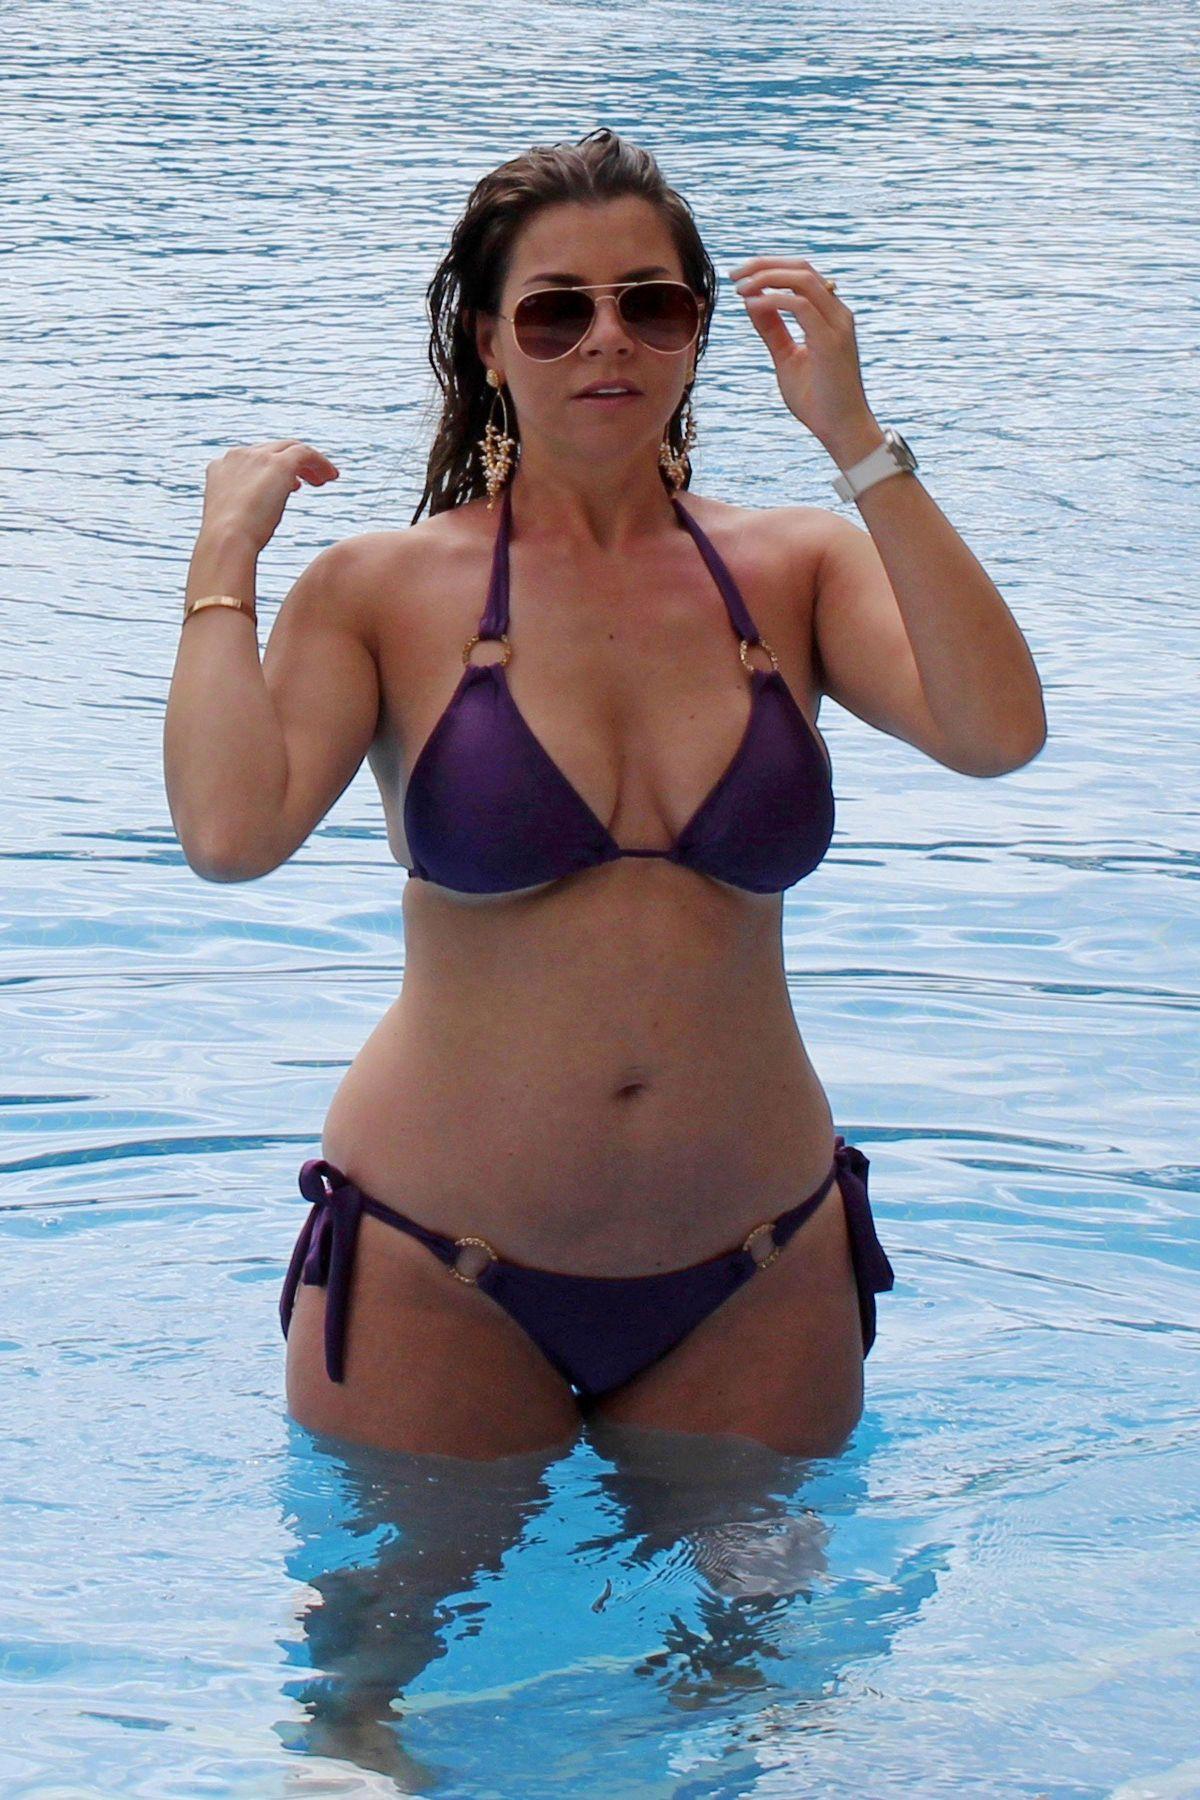 Bikini Imogen Thomas nude (32 photos), Ass, Leaked, Feet, butt 2020